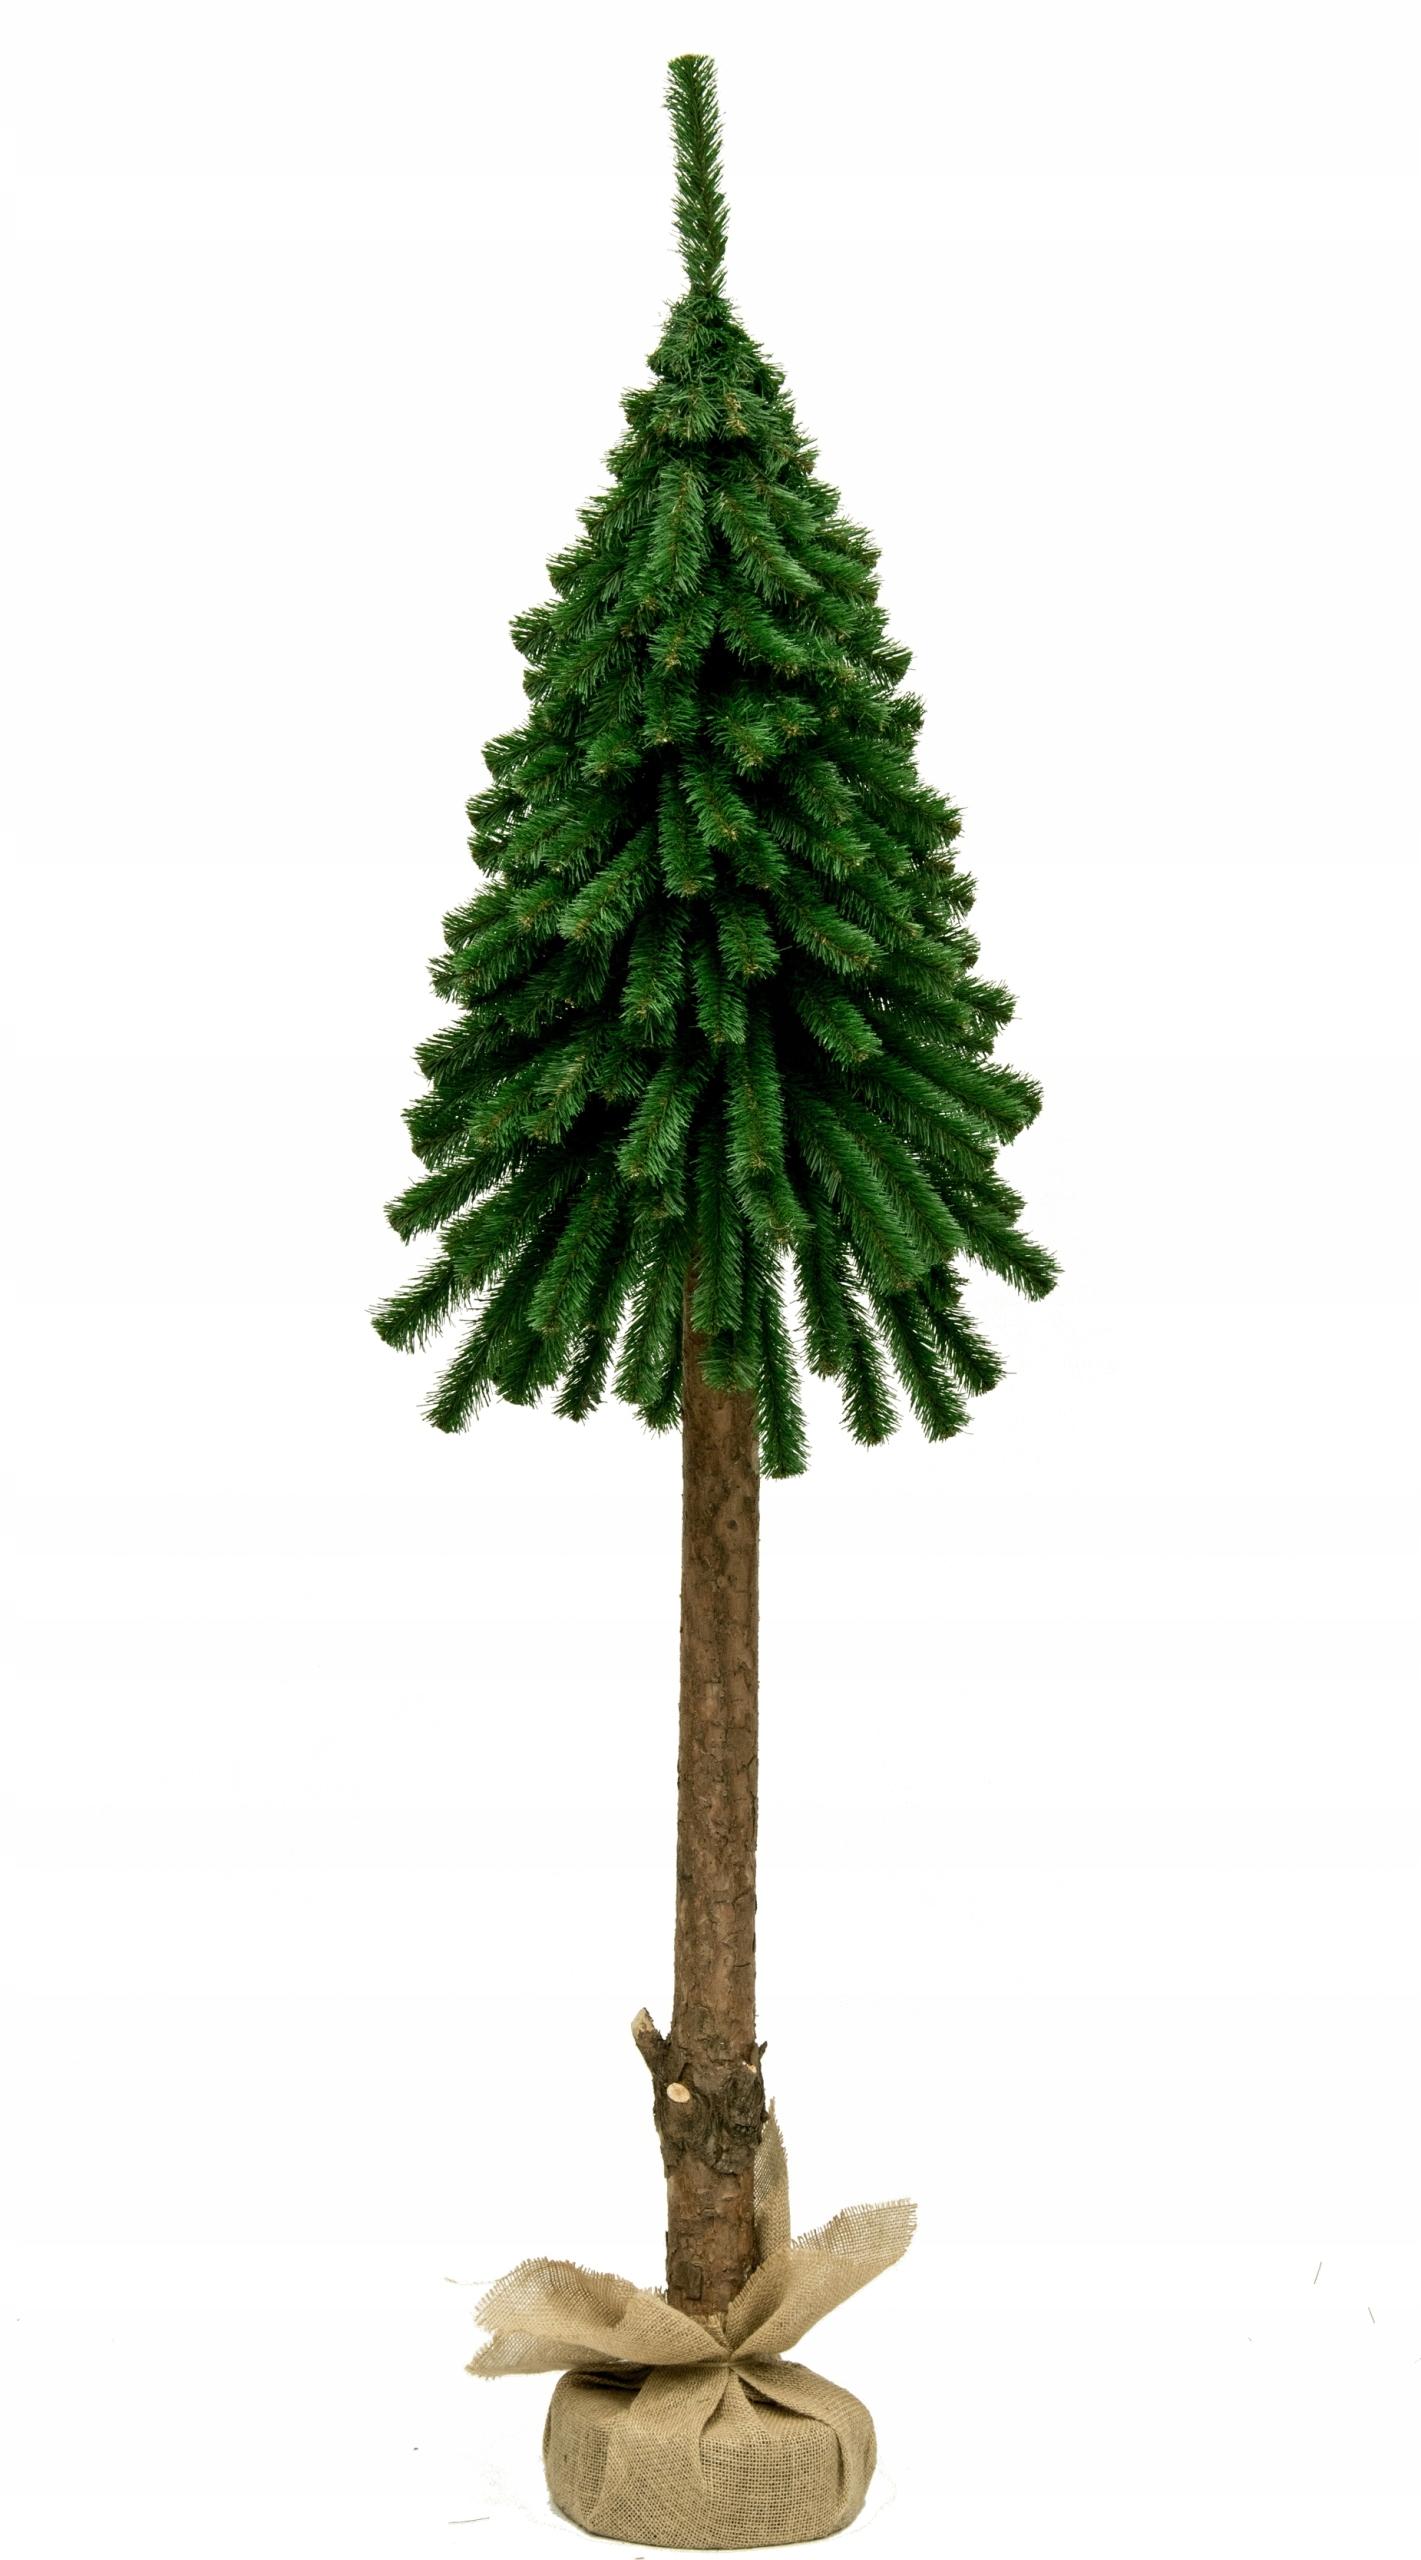 Moderný, umelý vianočný stromček na kufri 160 cm